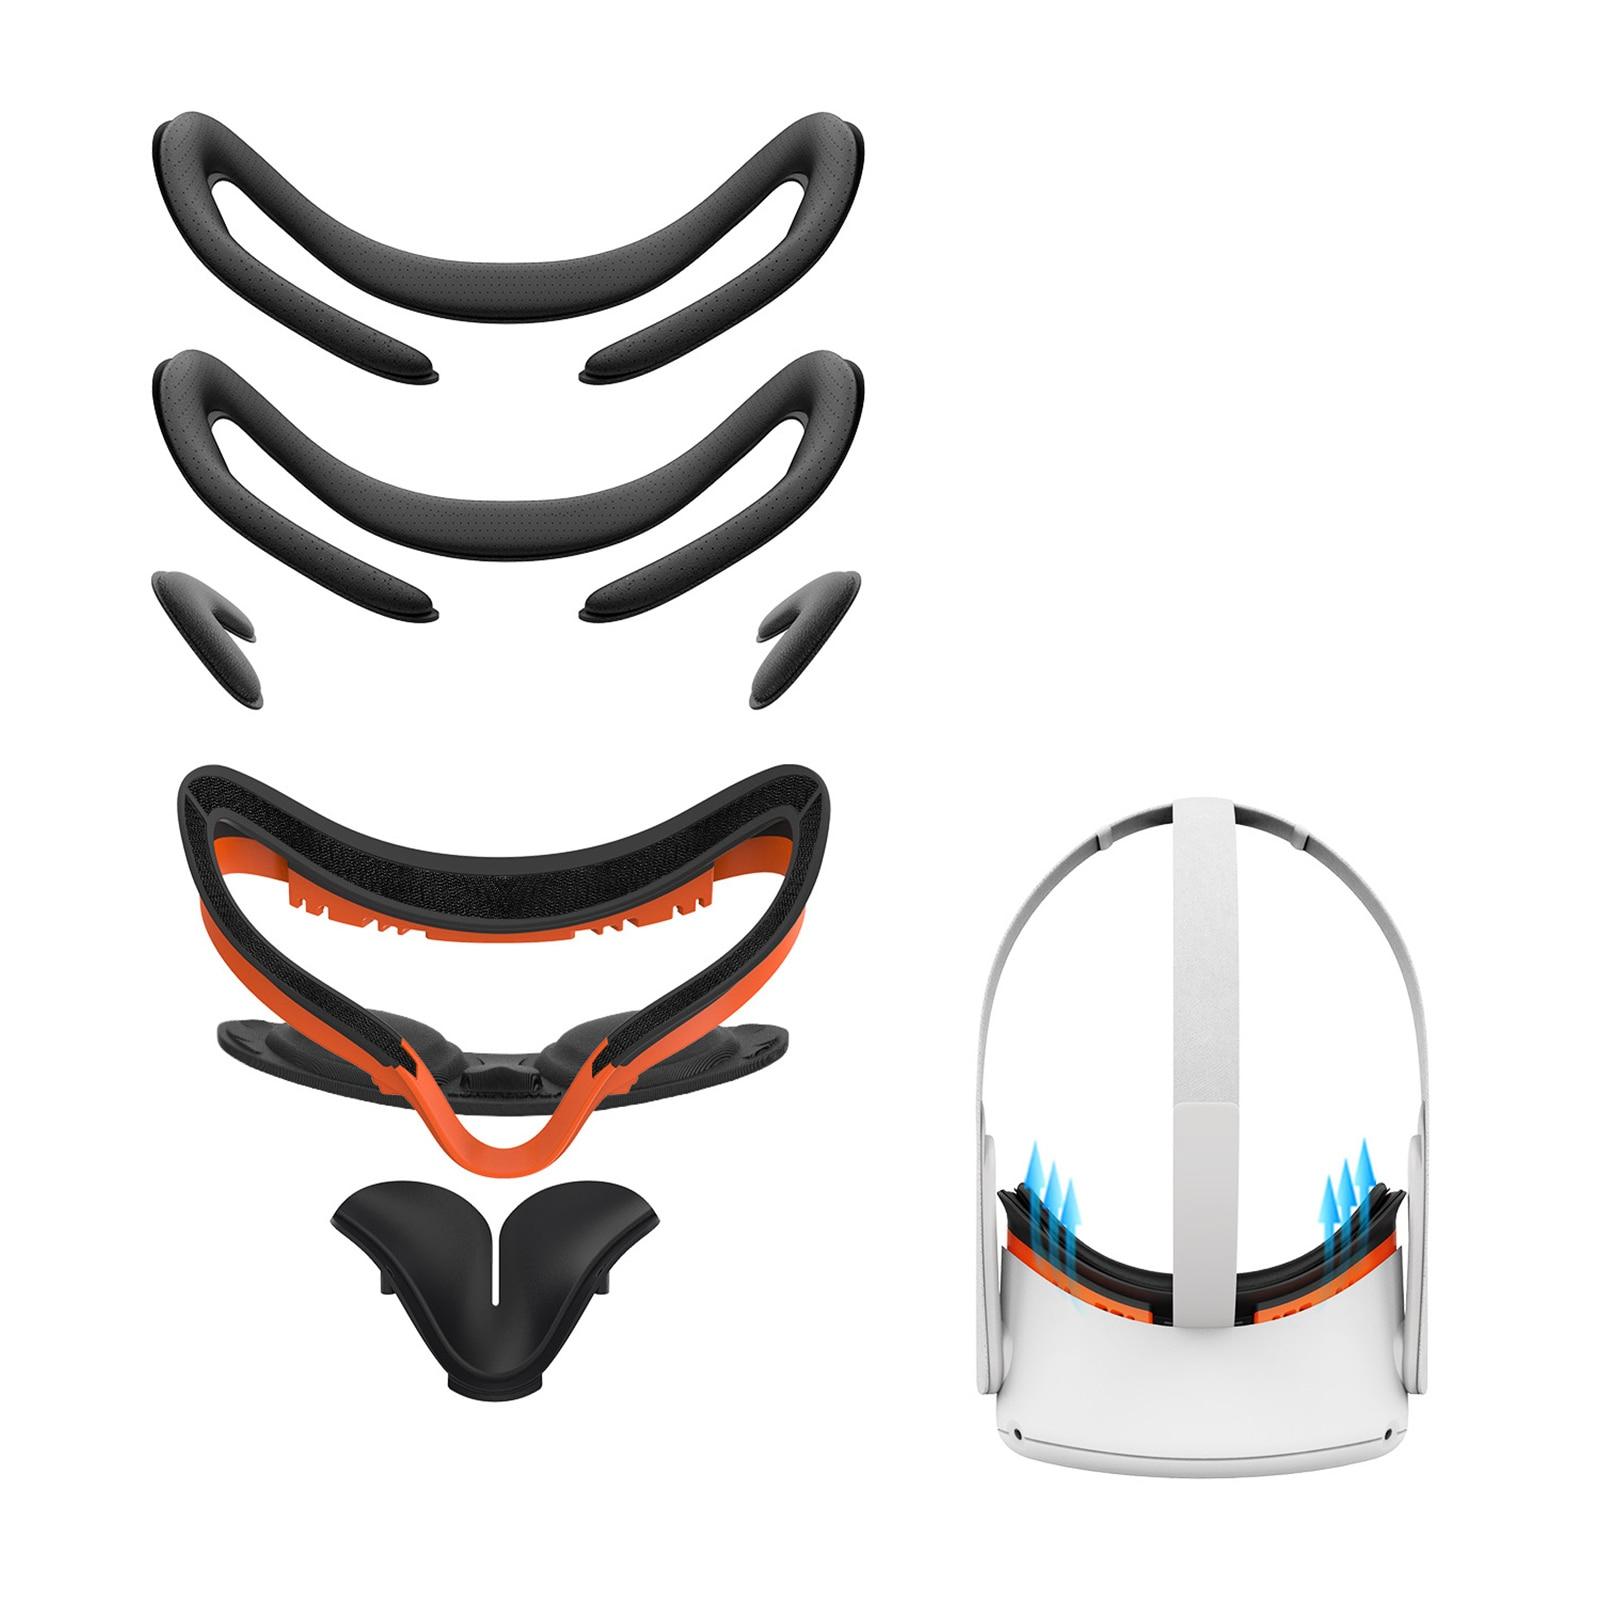 1 conjunto vr rosto silicone capa protetora capa para oculus quest 2 rosto capa de almofada sweatproof portátil silicone accessorie